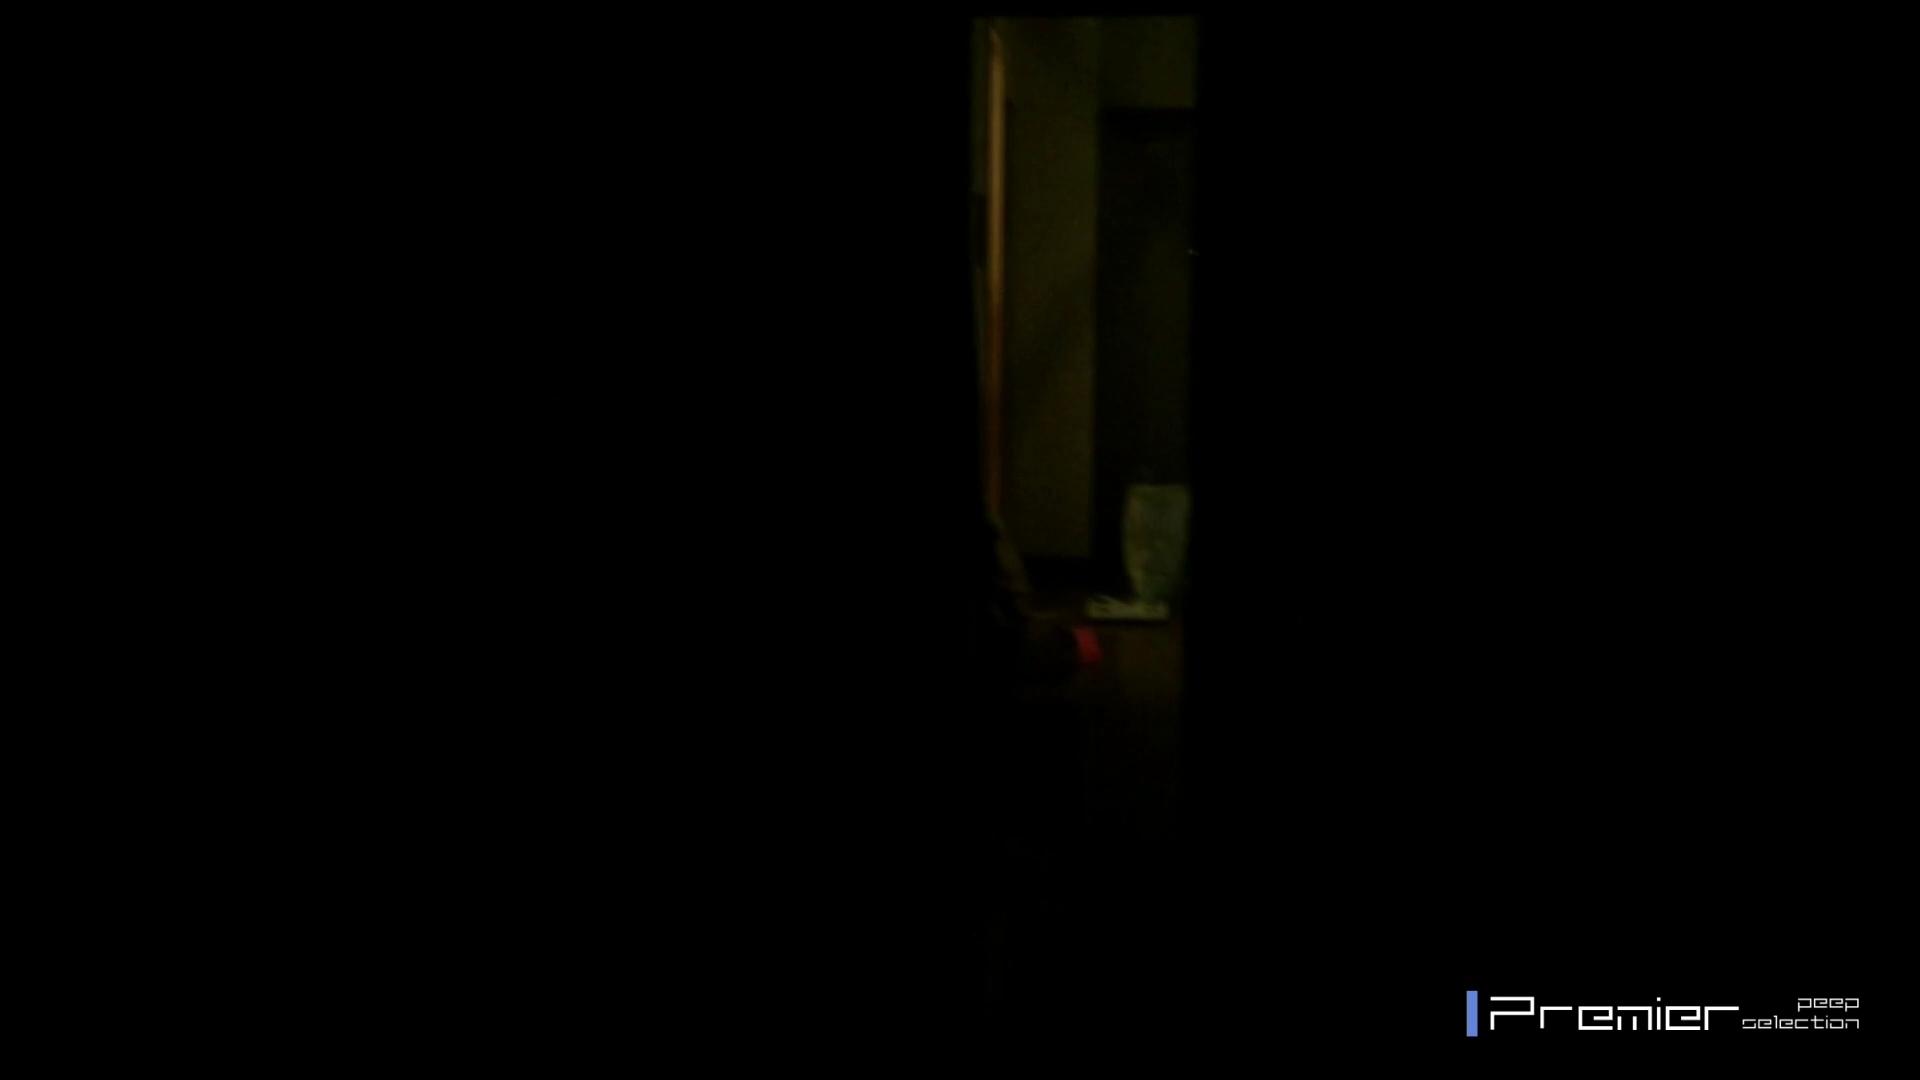 マニア必見!ポチャ達のカーニバル美女達の私生活に潜入! Hな美女 盗み撮り動画 112pic 9